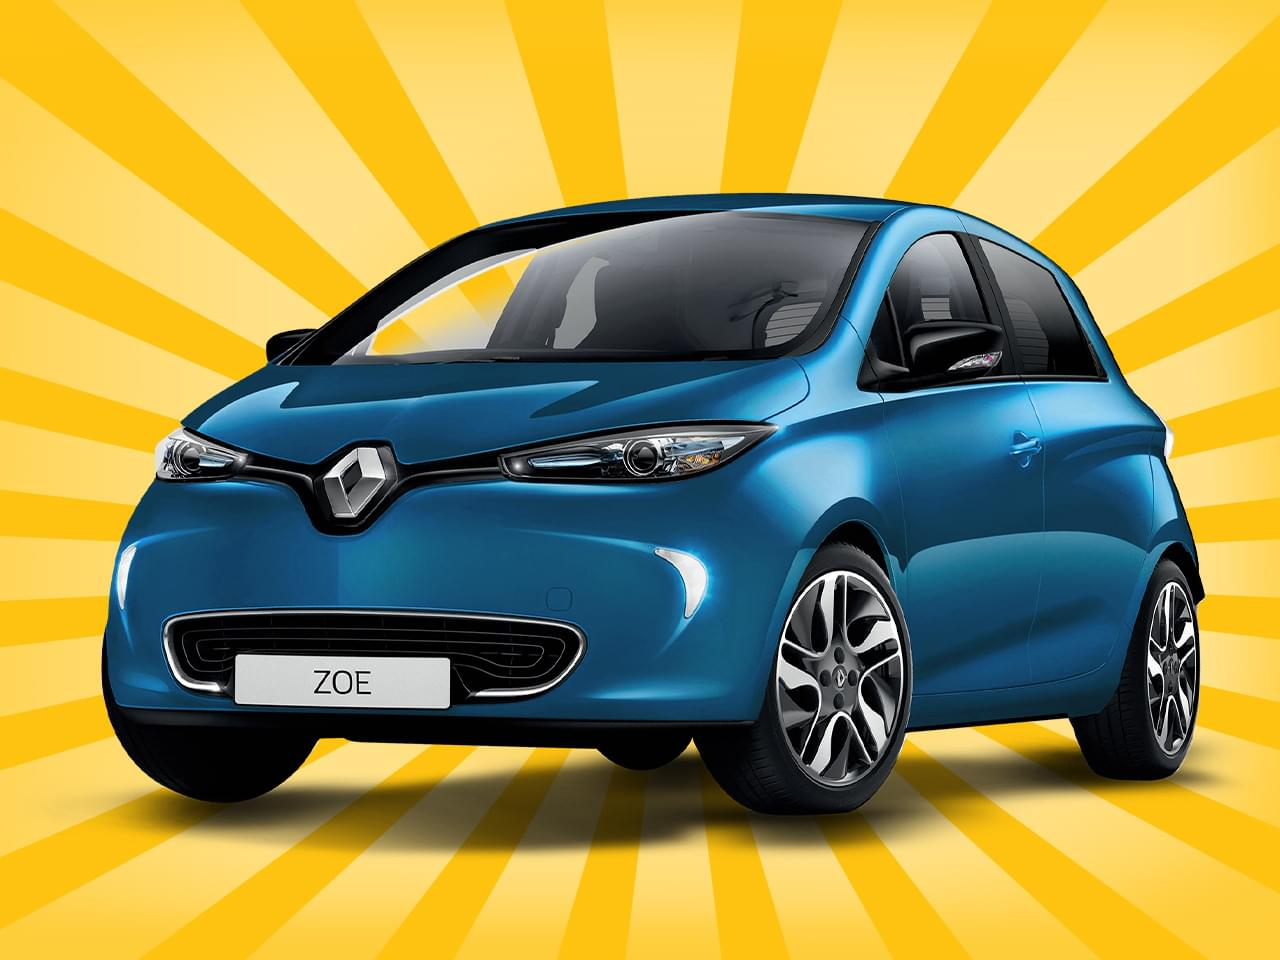 Renault Zoe Limited ADAC Z.E. 40 inkl. Batteriemiete